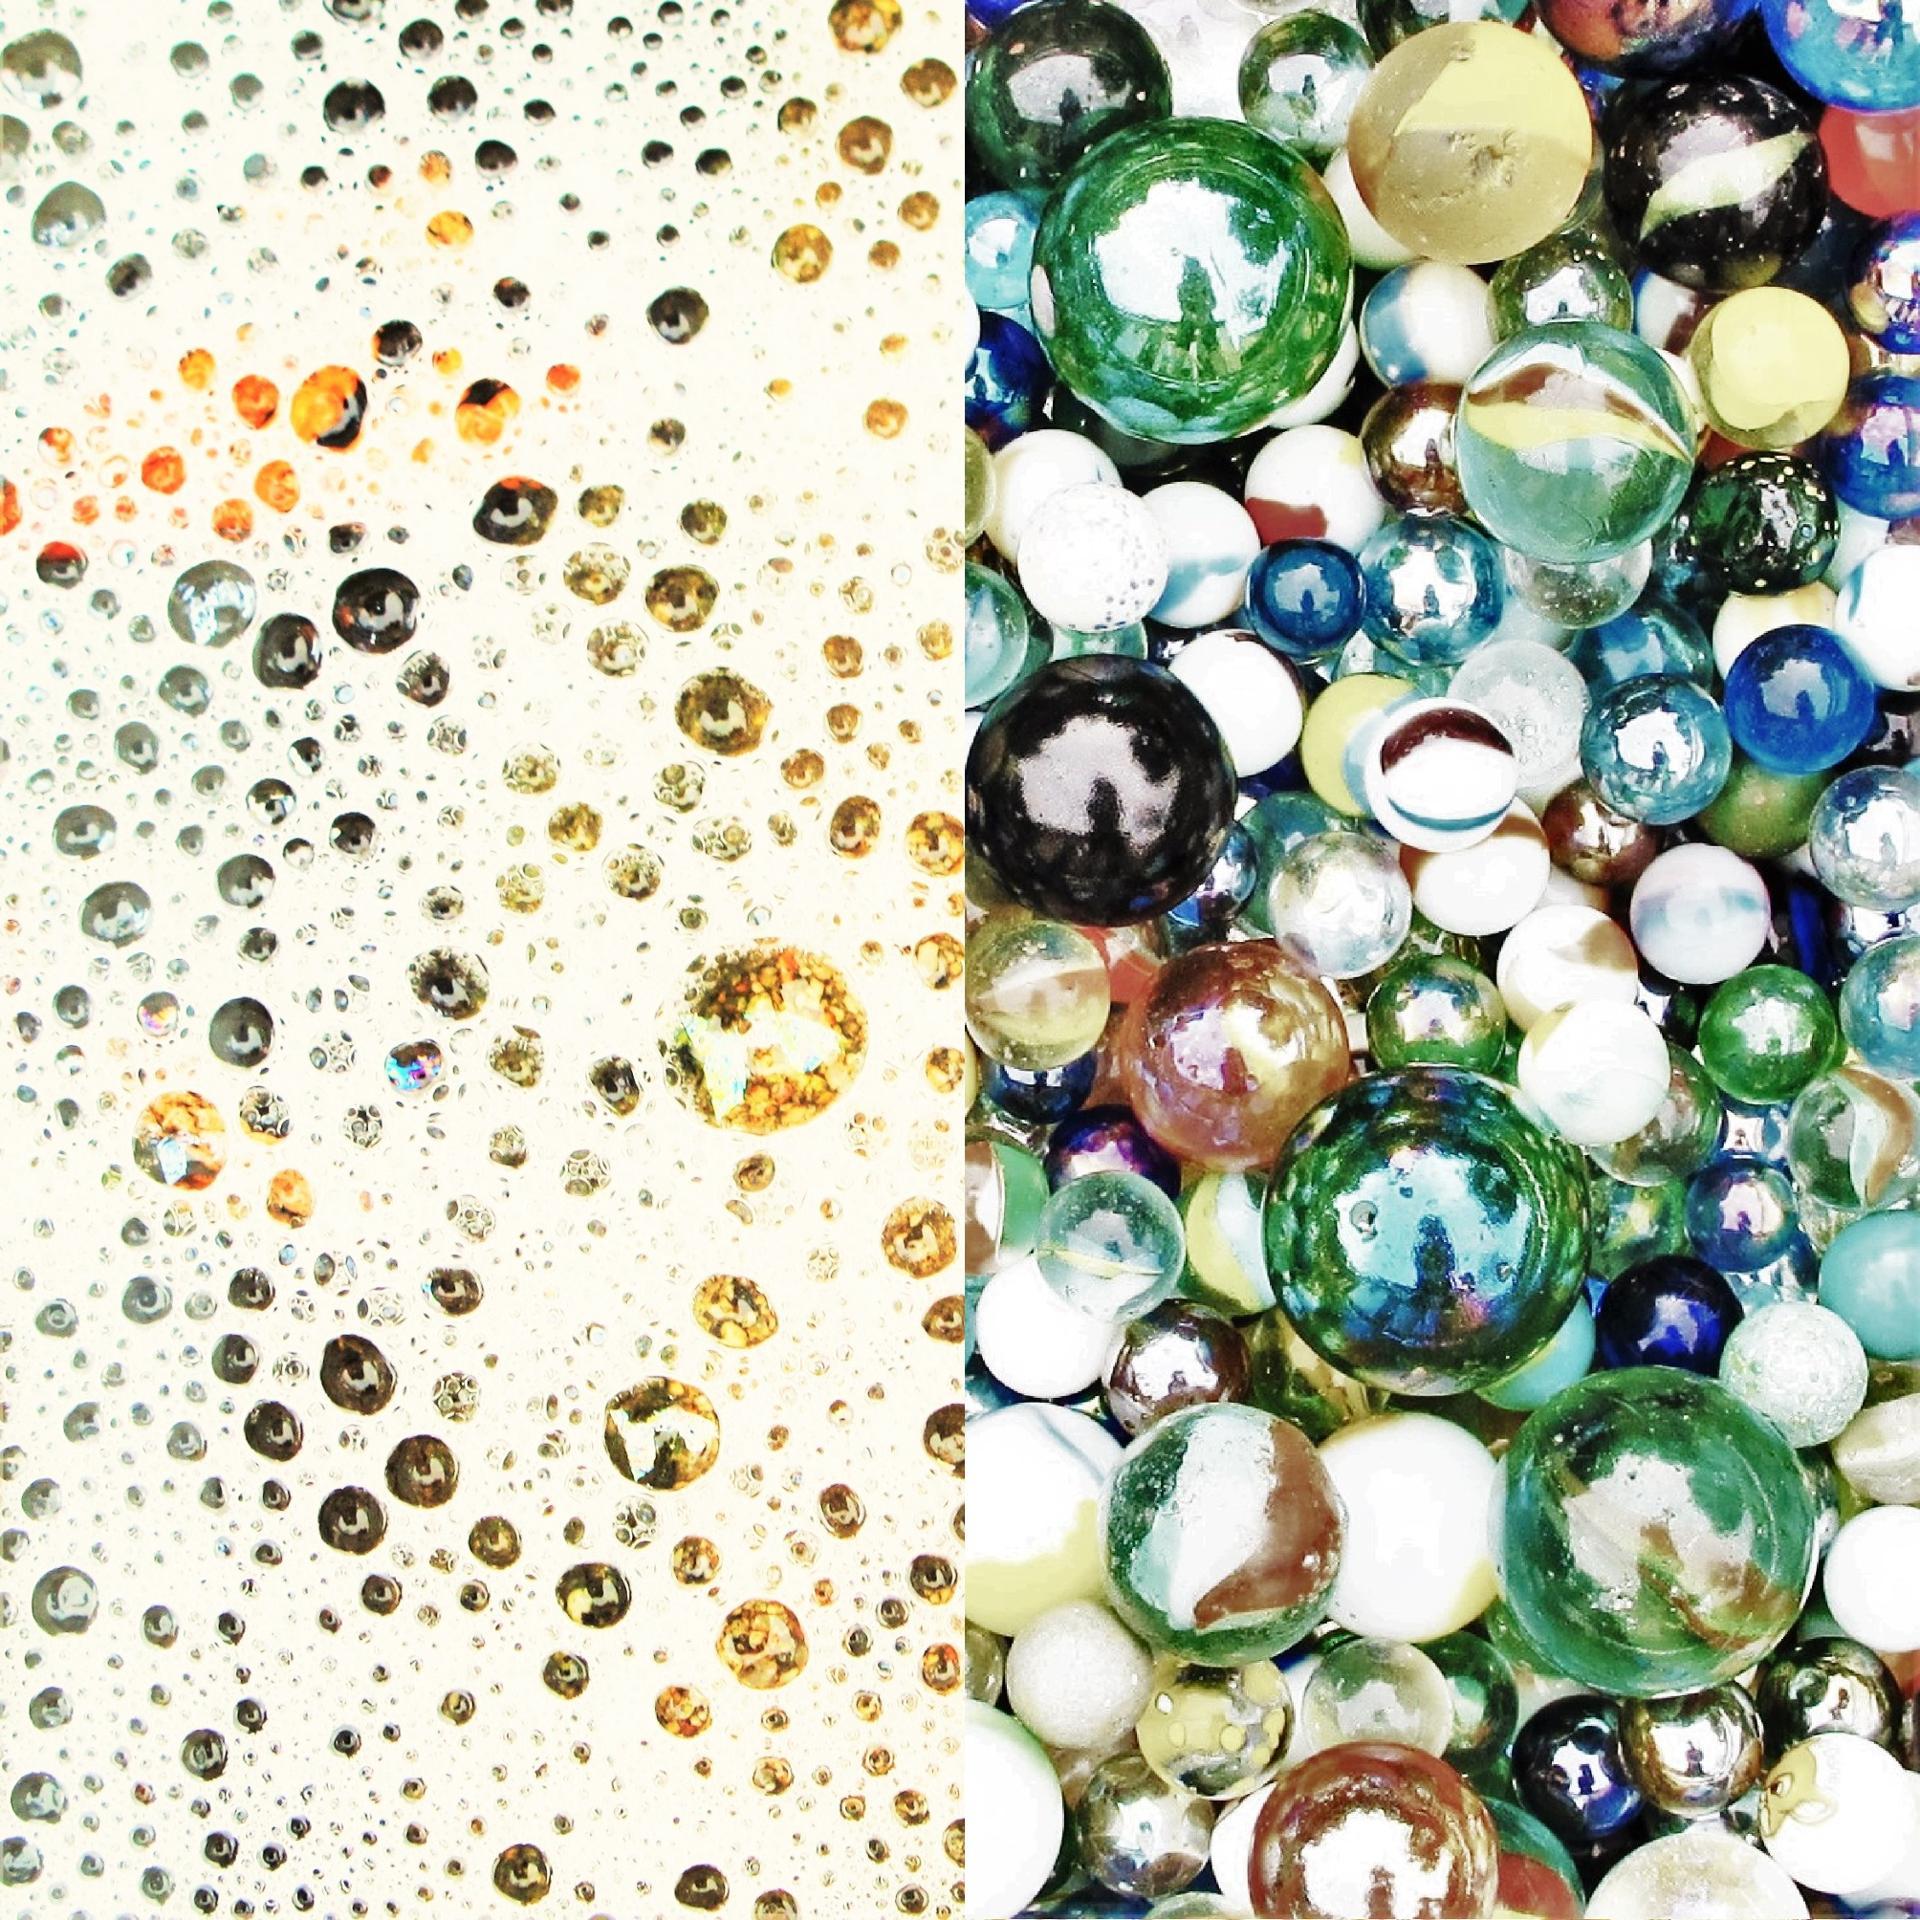 Des billes et des bulles